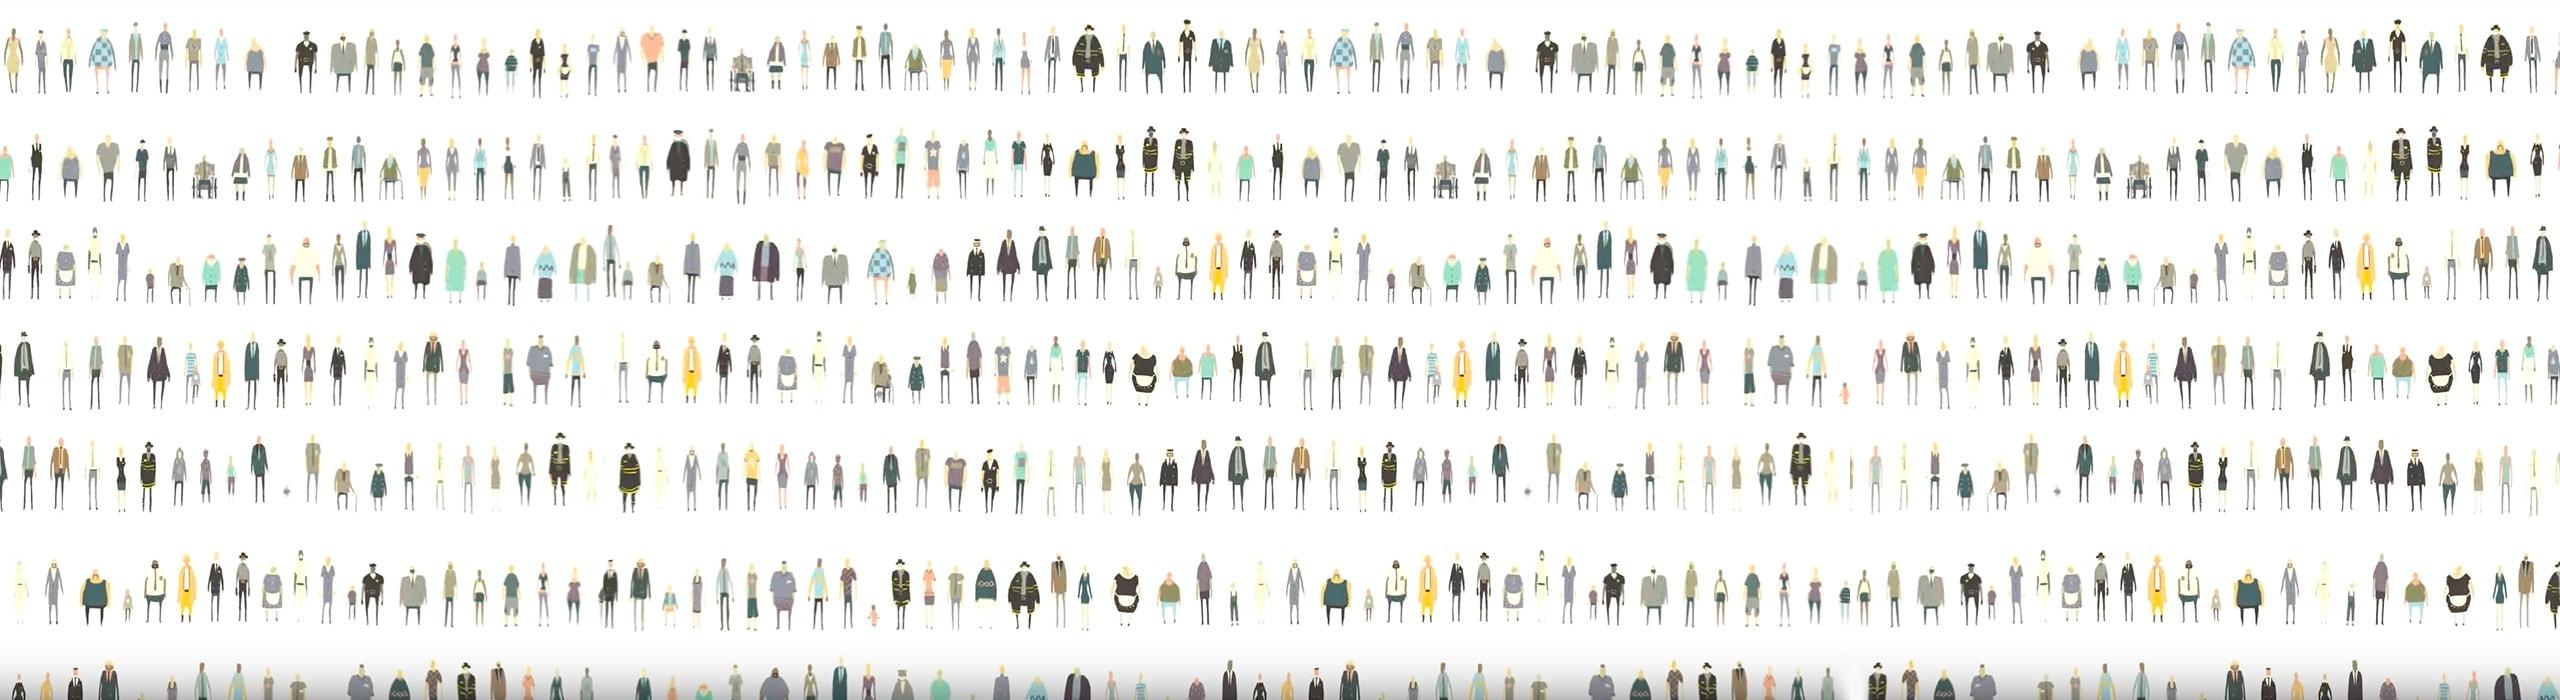 9/11 - natie-9-11-bill-animation-02 - Natie Branding Agency